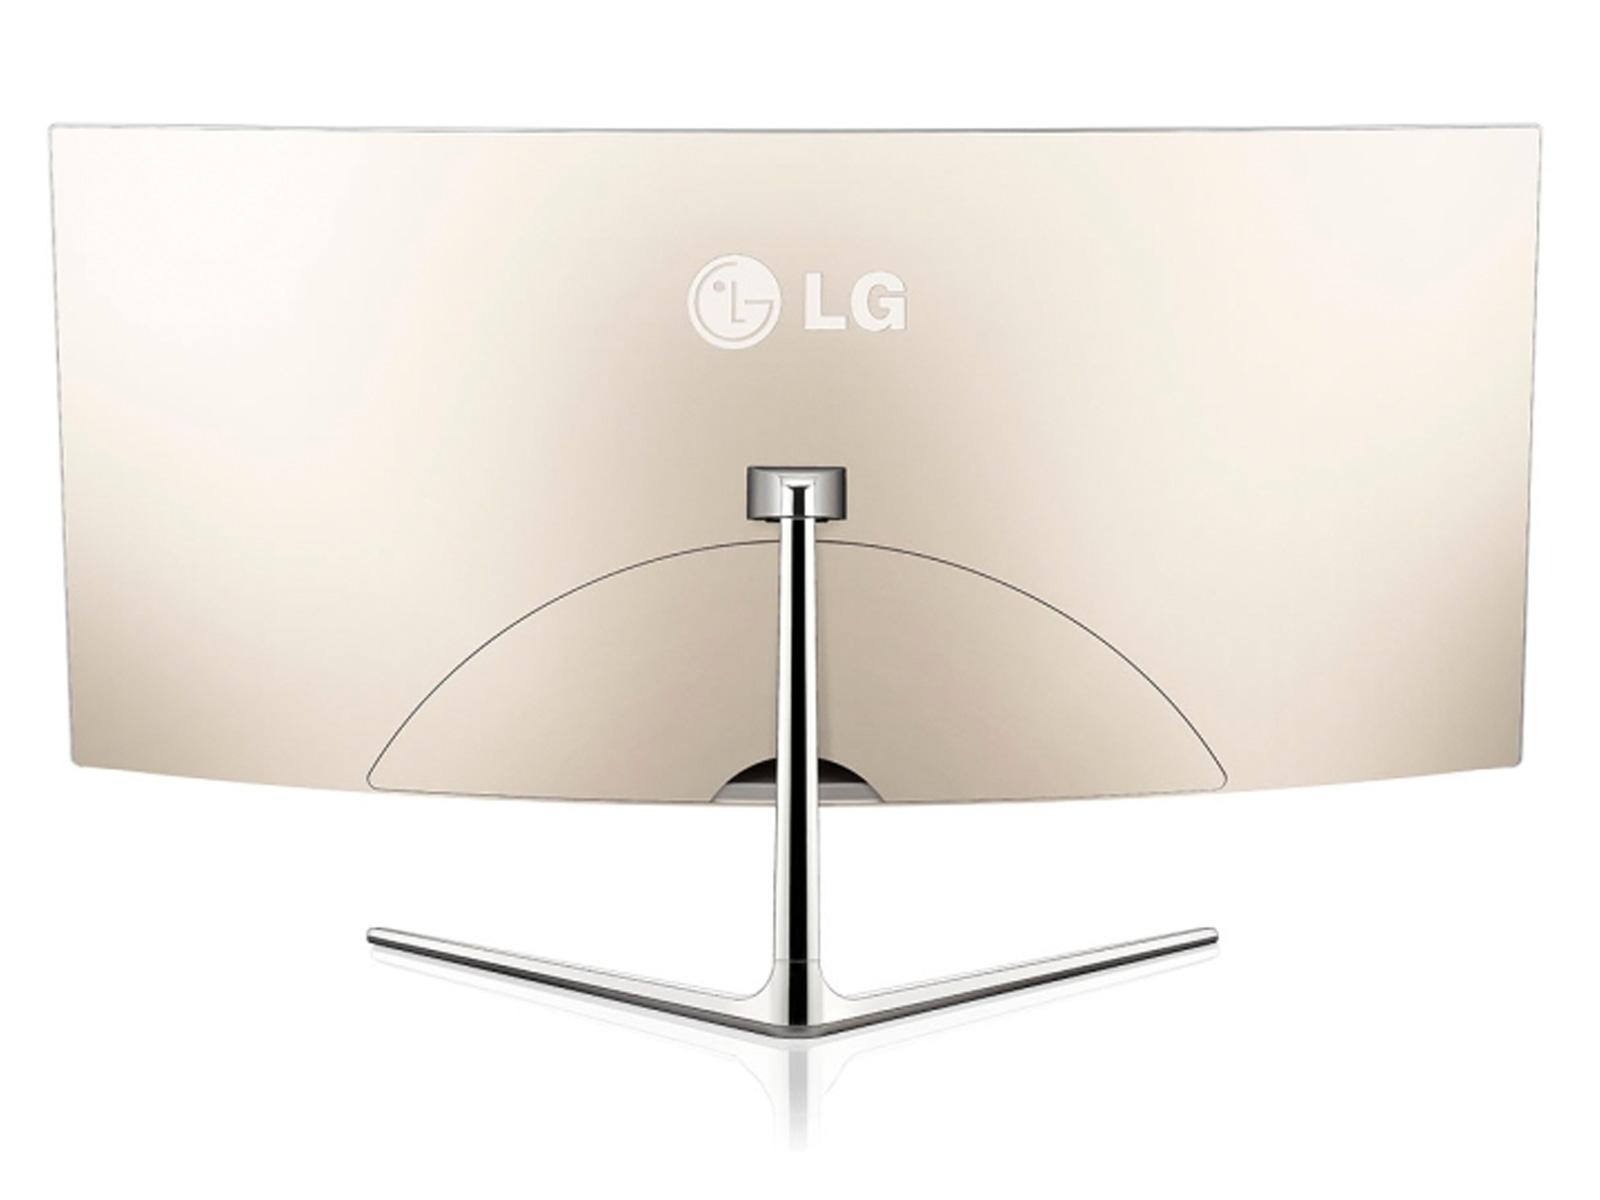 LG-scherm04